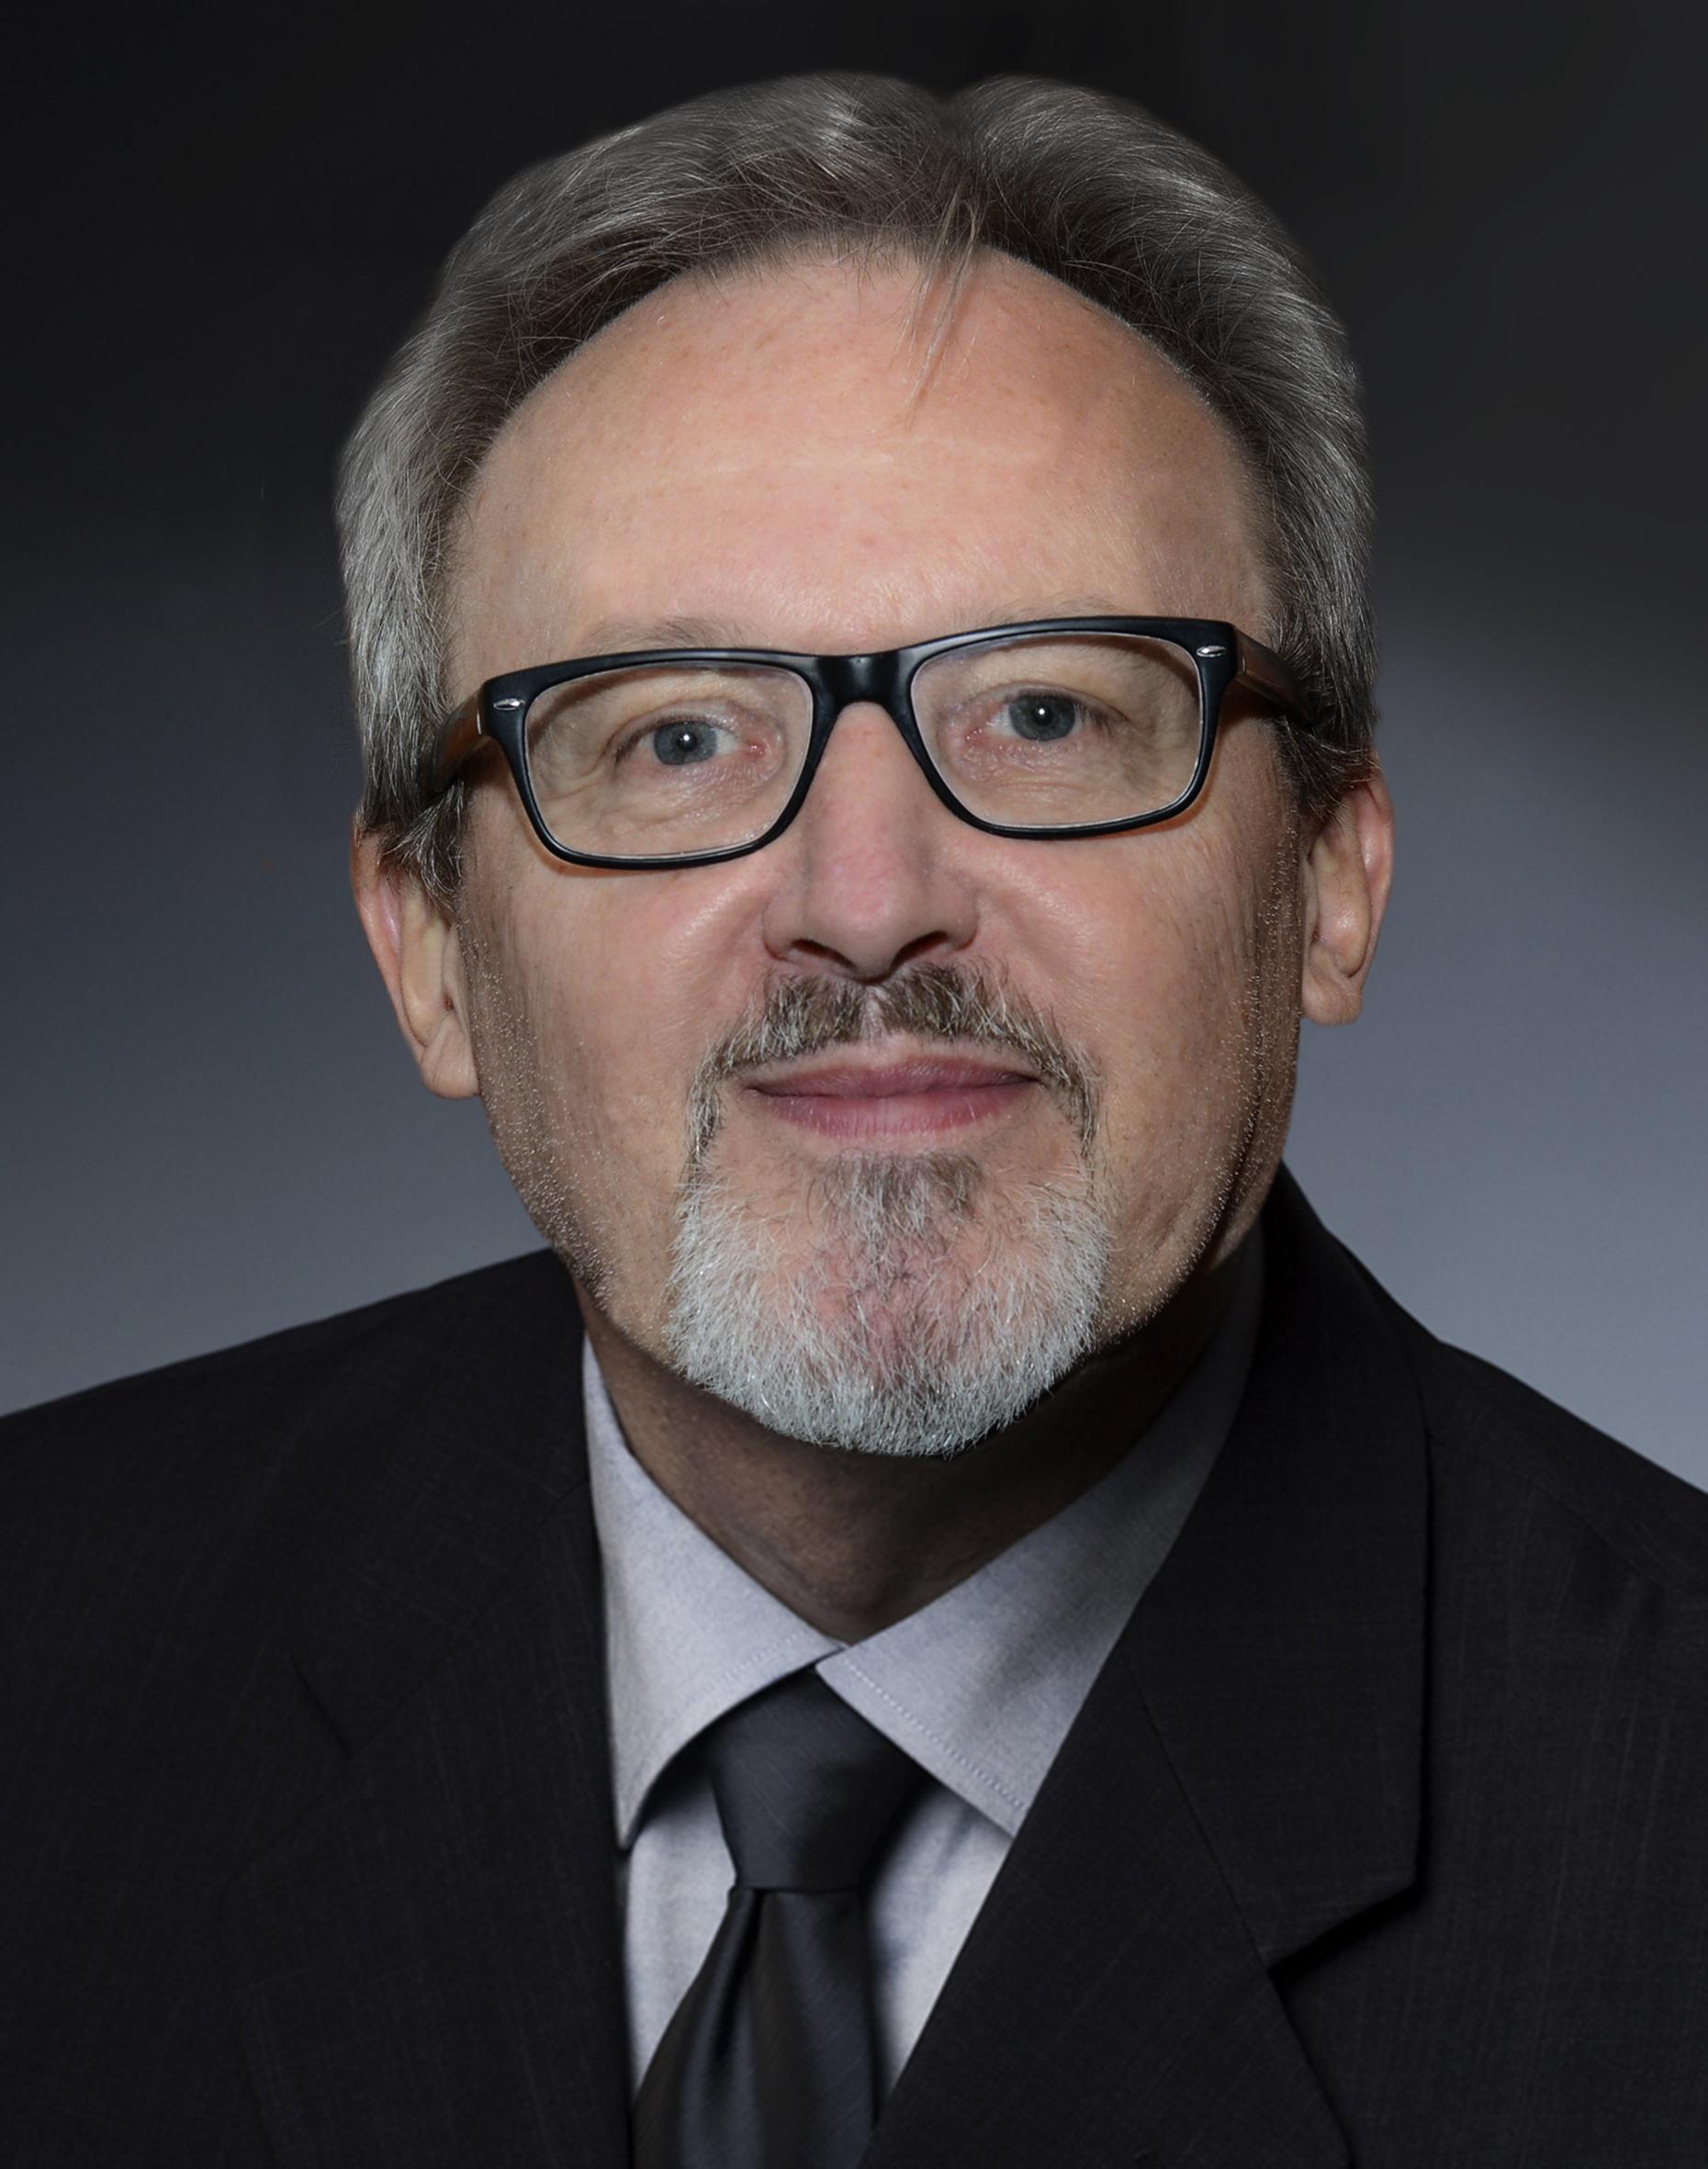 Werner Ziegelmeier